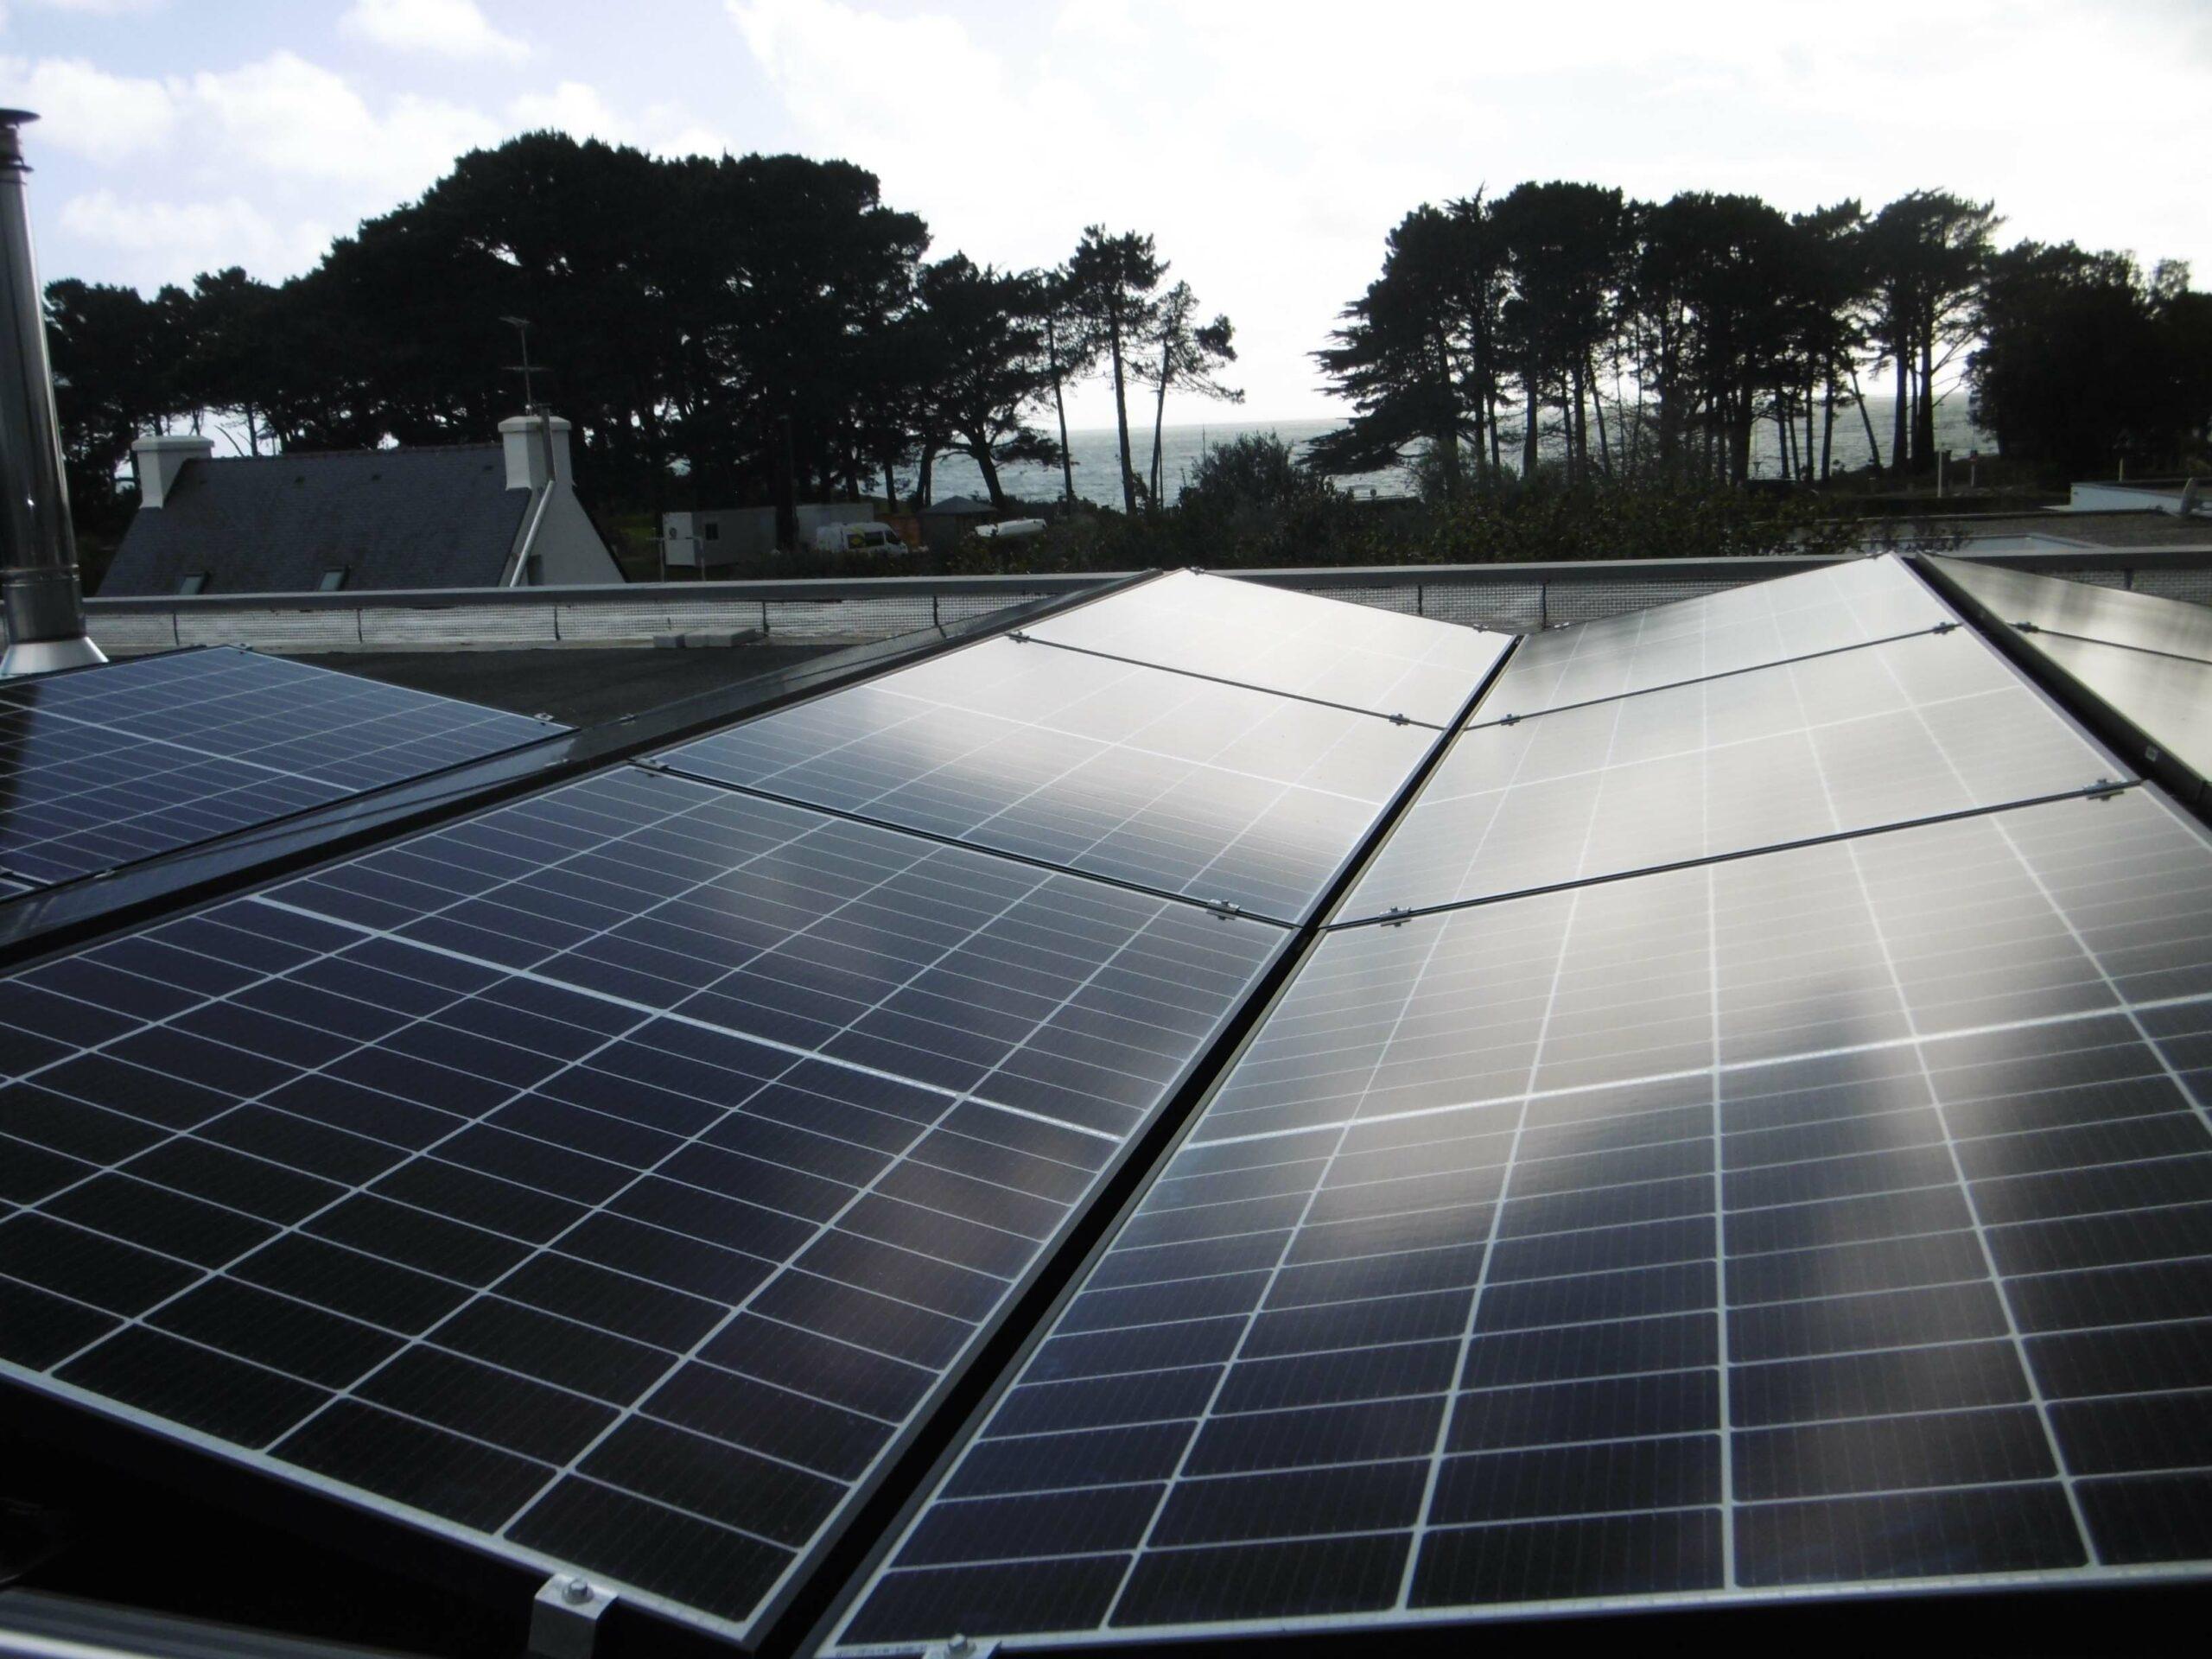 BBS installateur solaire a réalisé ce chantier d'une puissance de 14Kw pour de l'autoconsommation d'énergie à Bénodet.